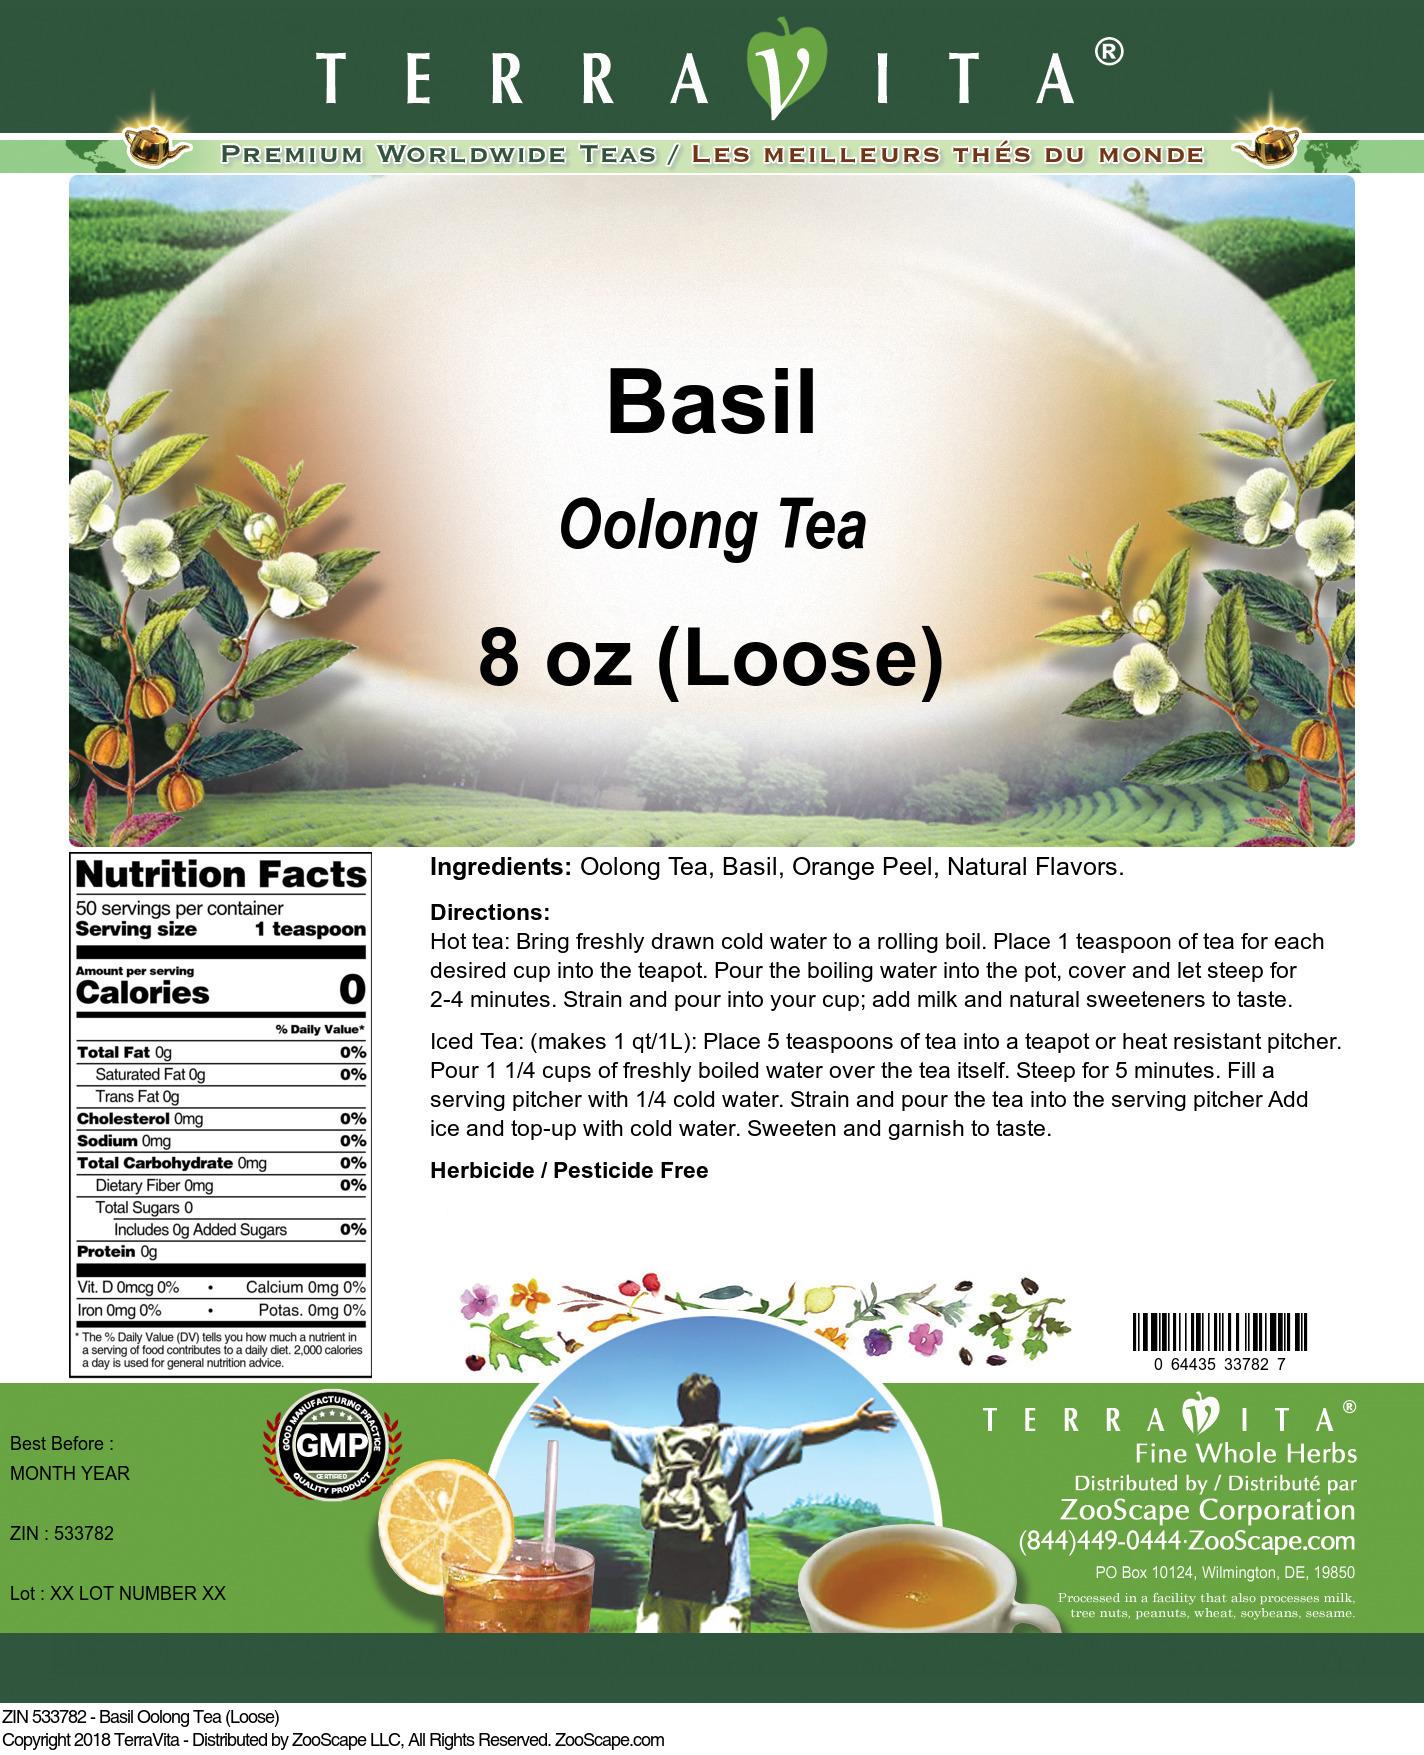 Basil Oolong Tea